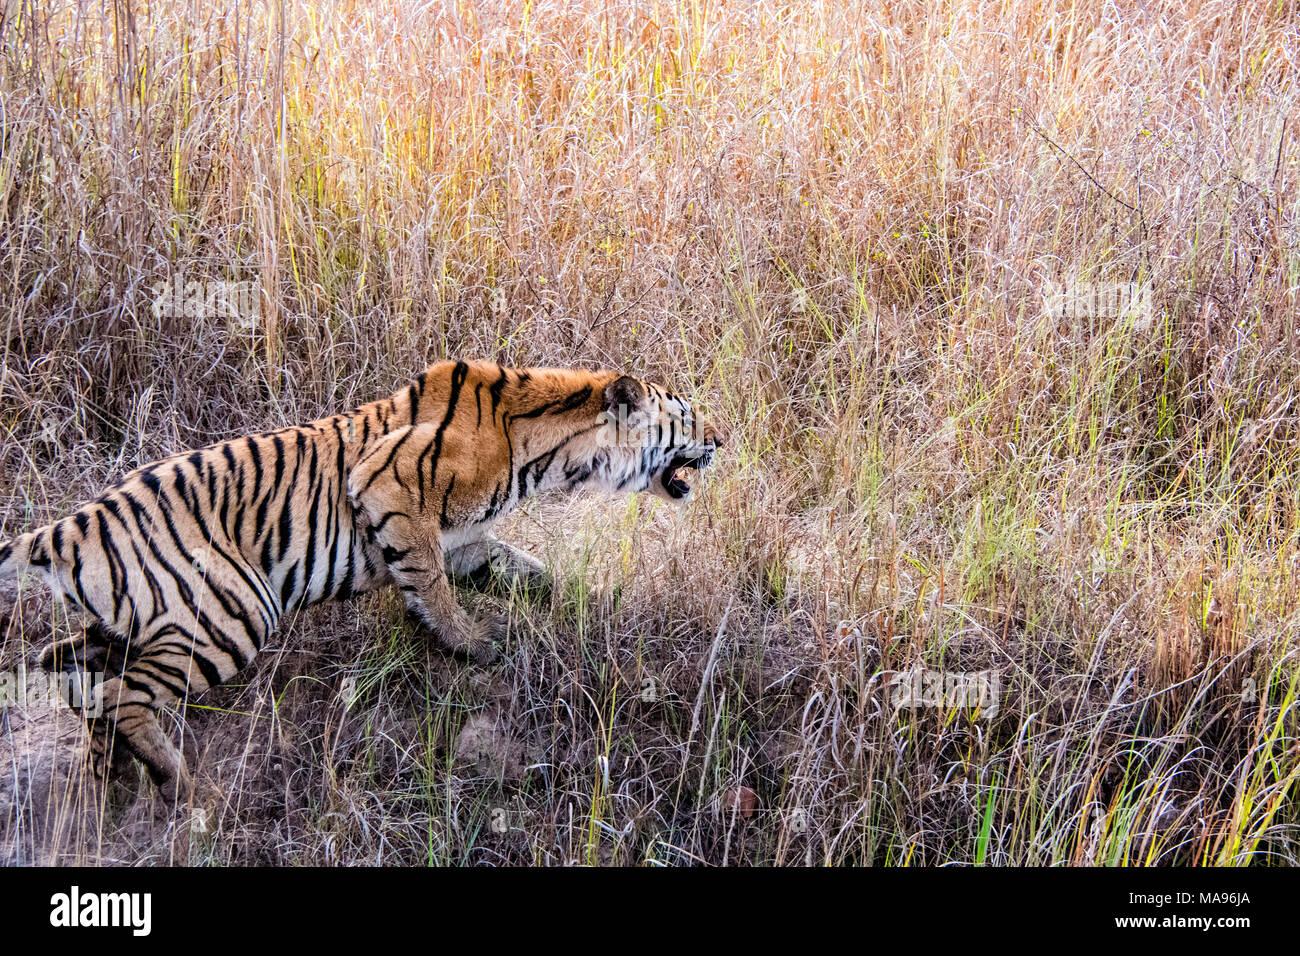 Wild tigre du Bengale, Panthera tigris tigris, snarling, attaquant dans Bandhavgarh Tiger Reserve, Madhya Pradesh, Inde Photo Stock